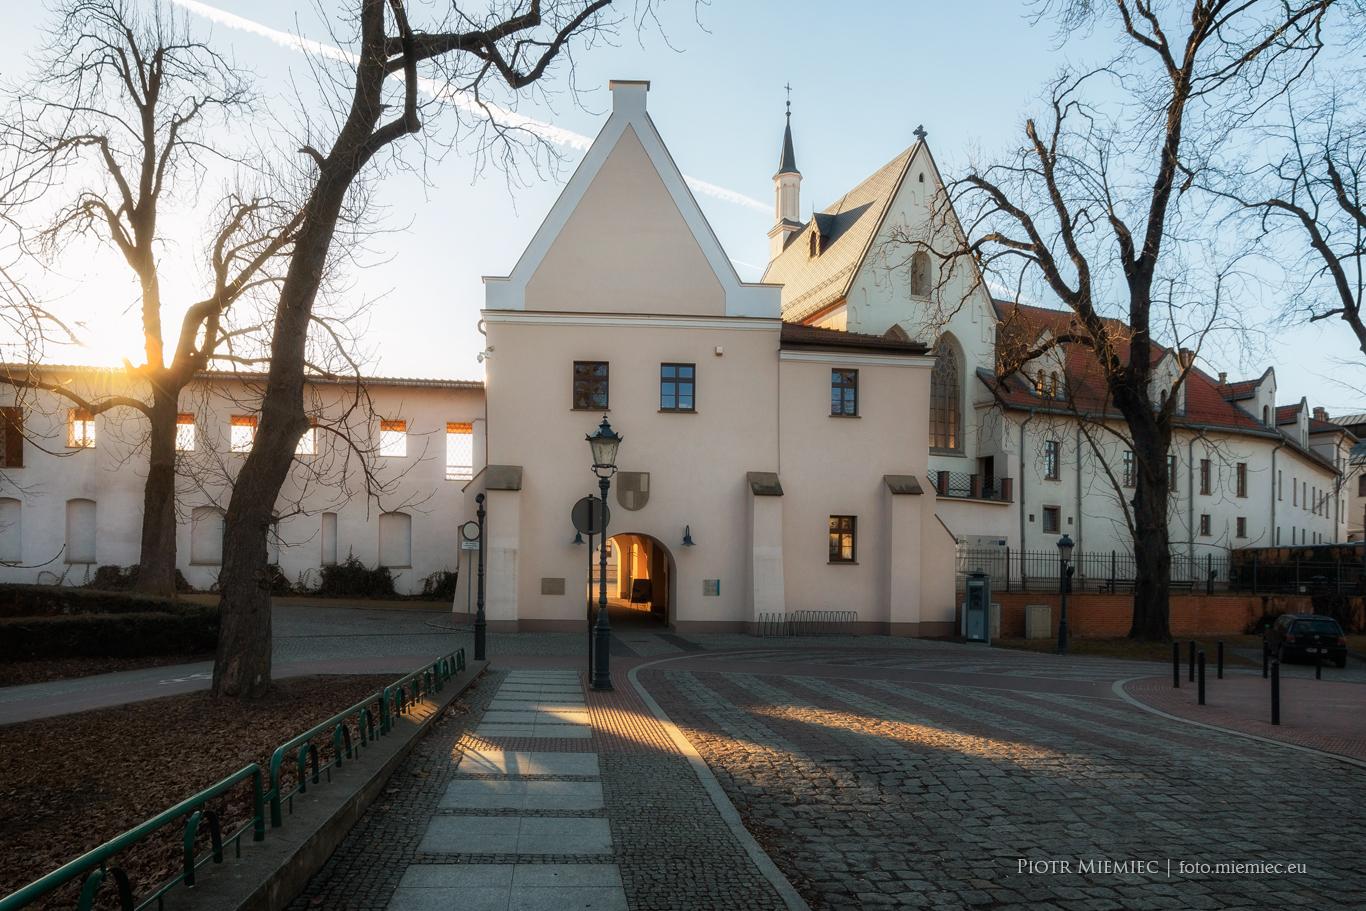 Zamek w Raciborzu -Widok od strony wschodniej